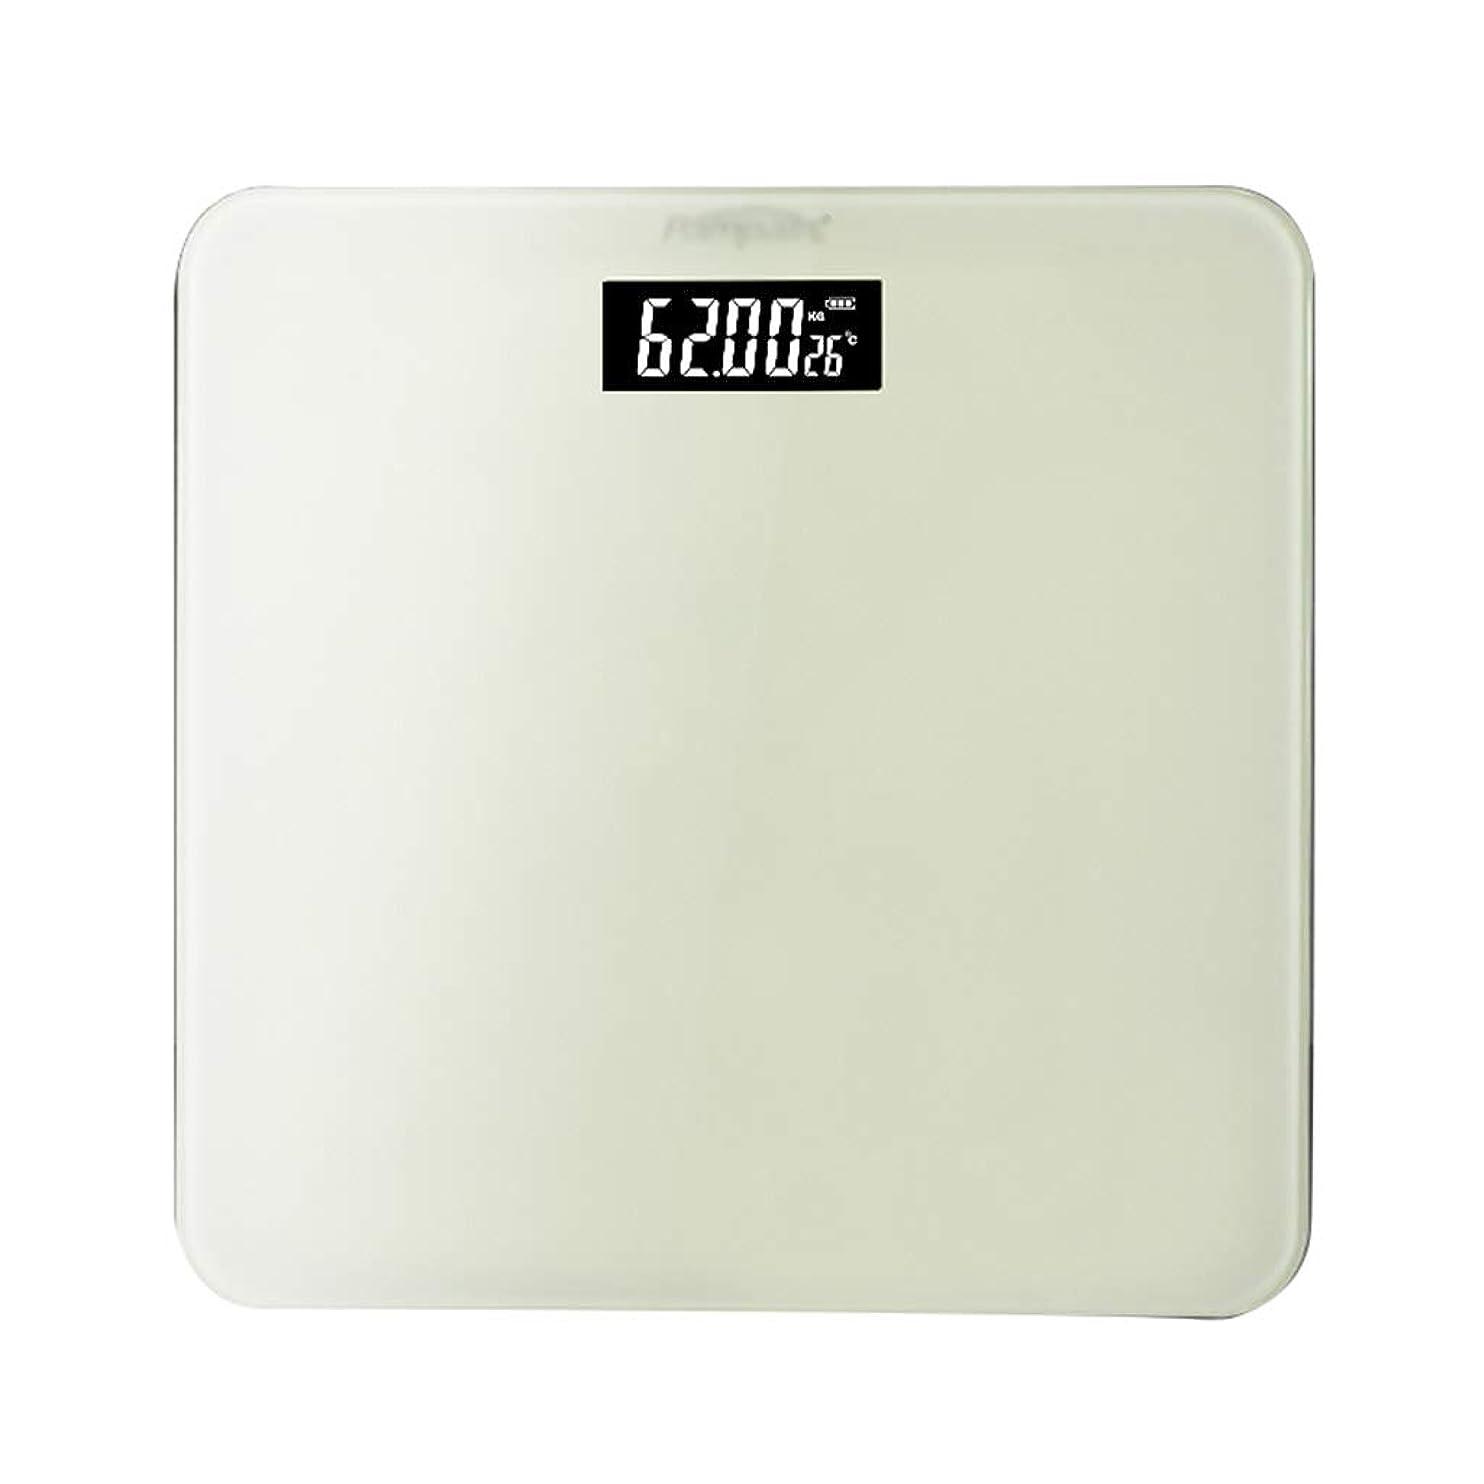 ペレット安息風変わりな体重計 デジタル電子浴室スケール家庭成人精密減量スケール隠されたスクリーンディスプレイUSB充電コンバーチブルユニット電池室温表示30×30センチメートル (色 : 白)